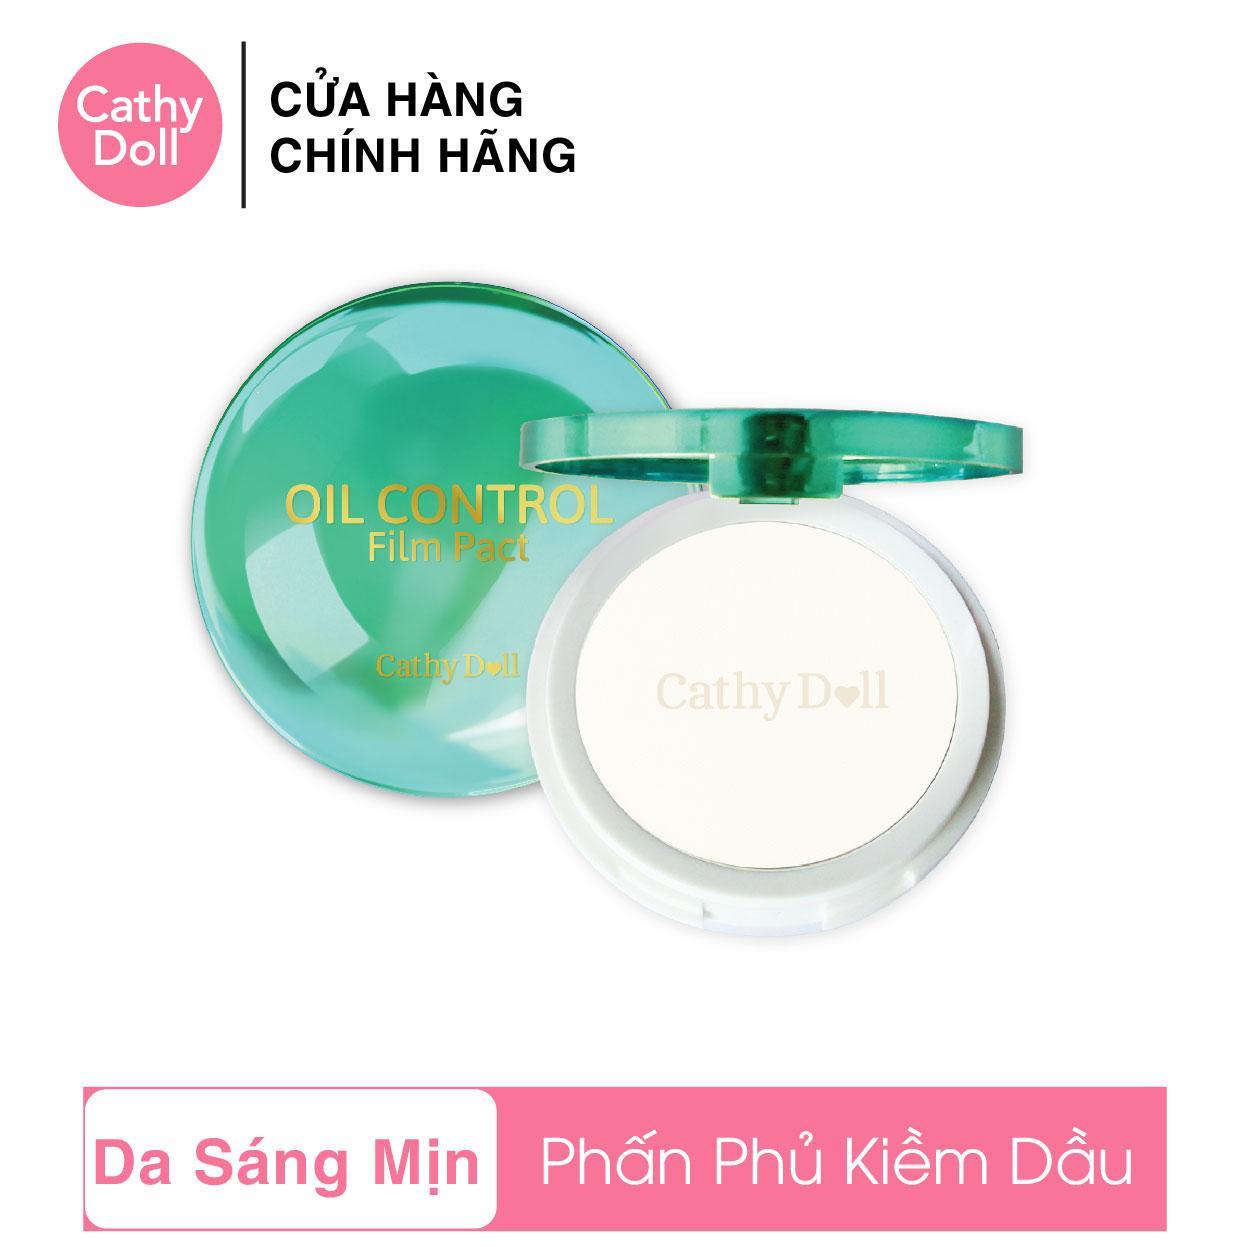 Offer Ưu Đãi Phấn Phủ Kiềm Dầu Cathy Doll Oil Control Film Pact Translucent 12g